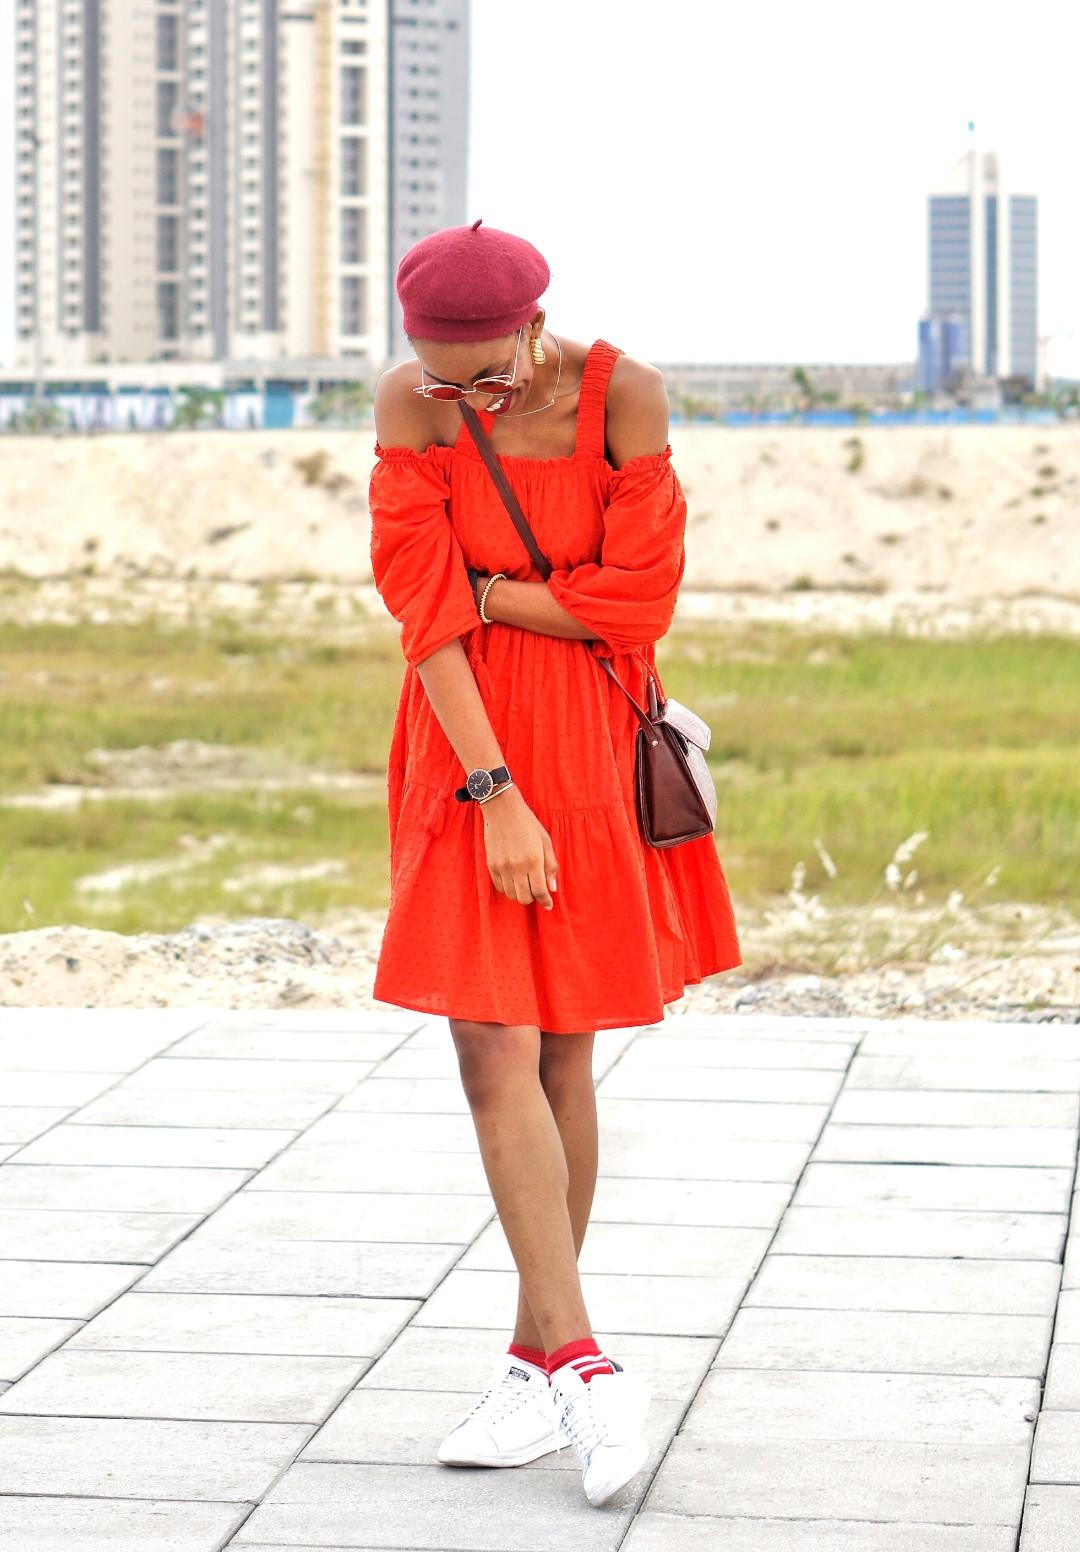 Cassie daves beret fashion trend 2017